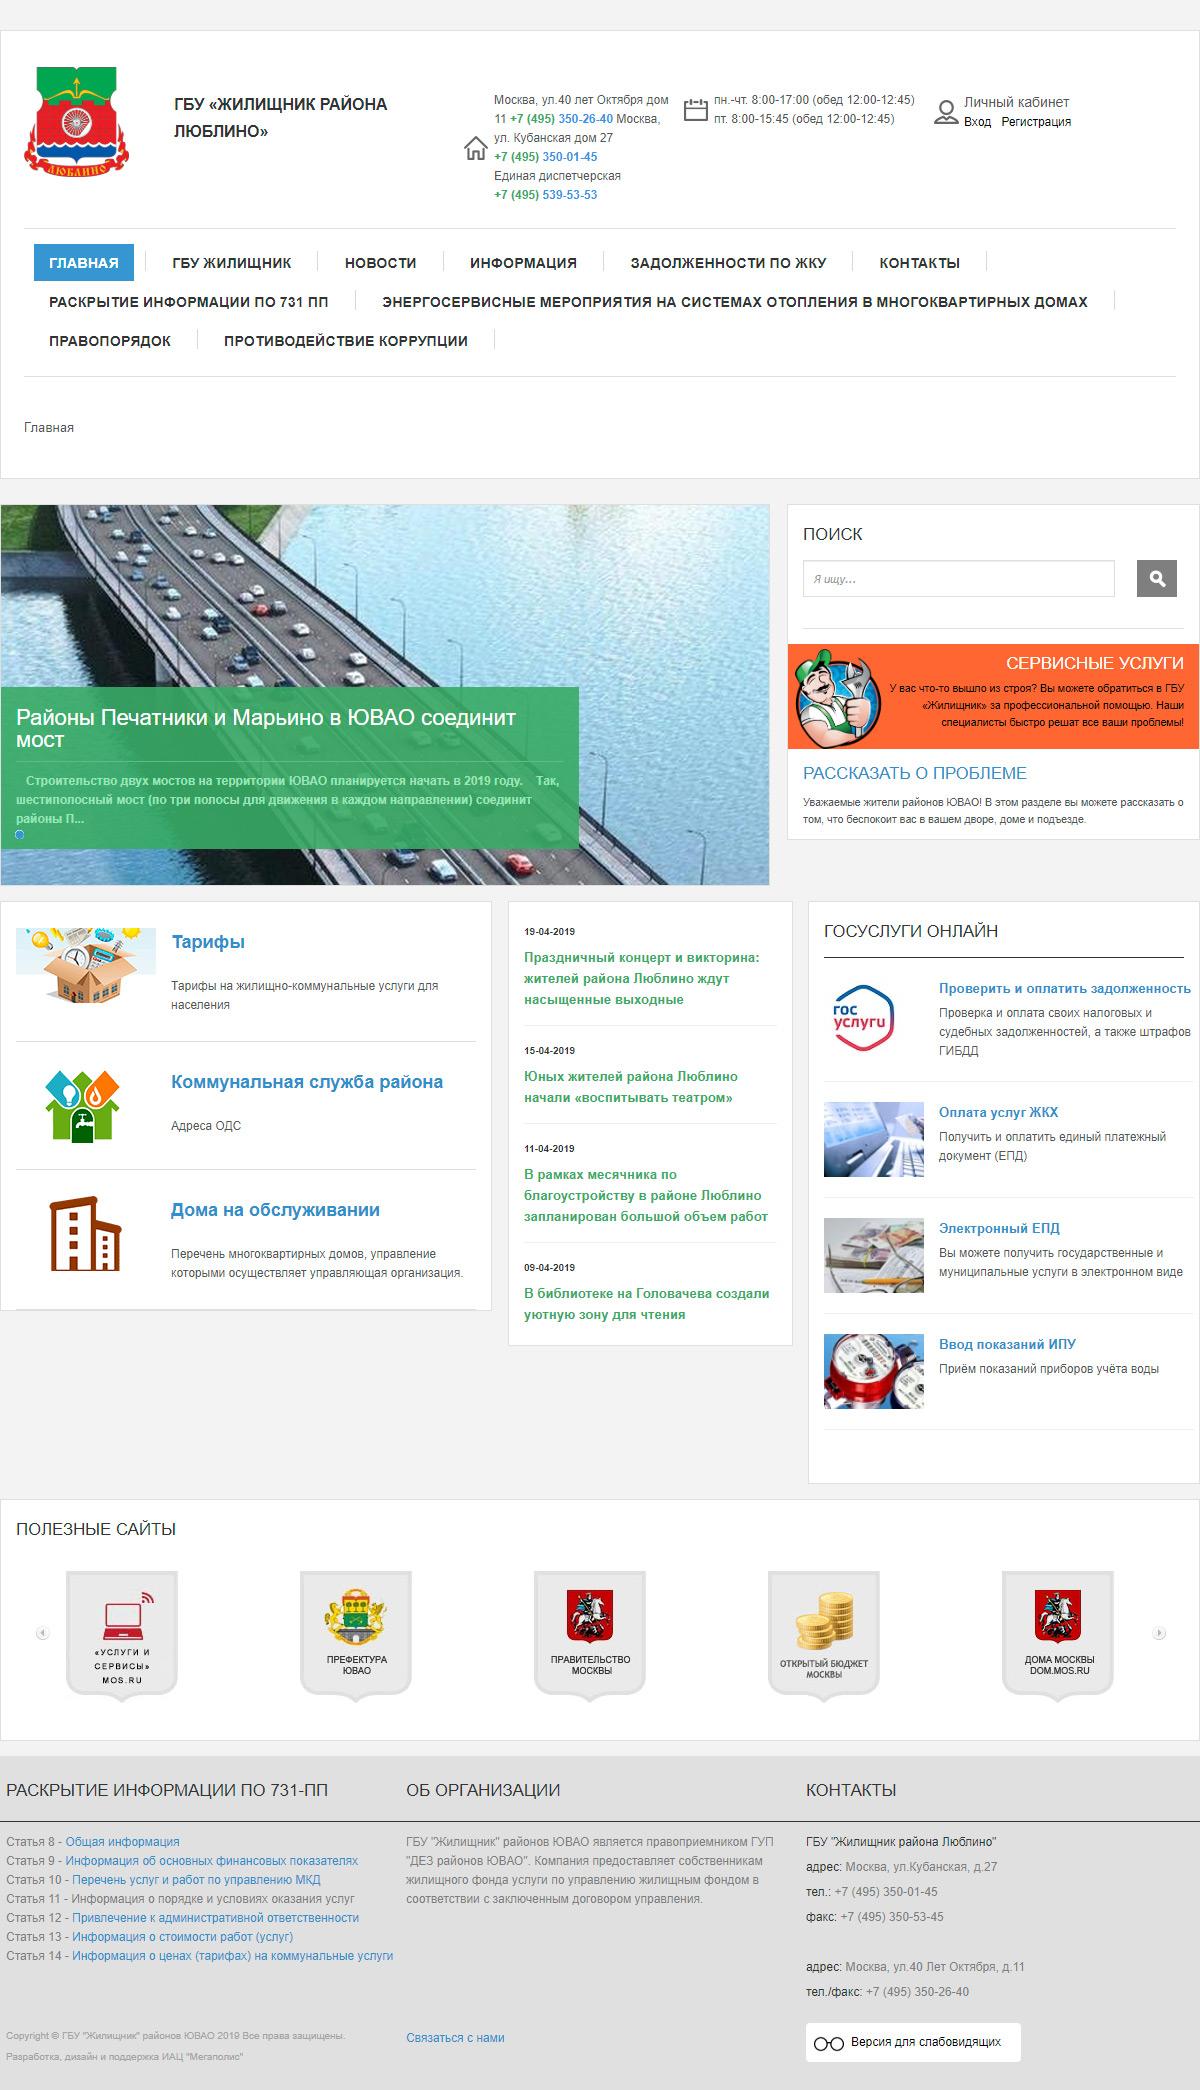 Создание жкх сайта создание htaccess для сайта